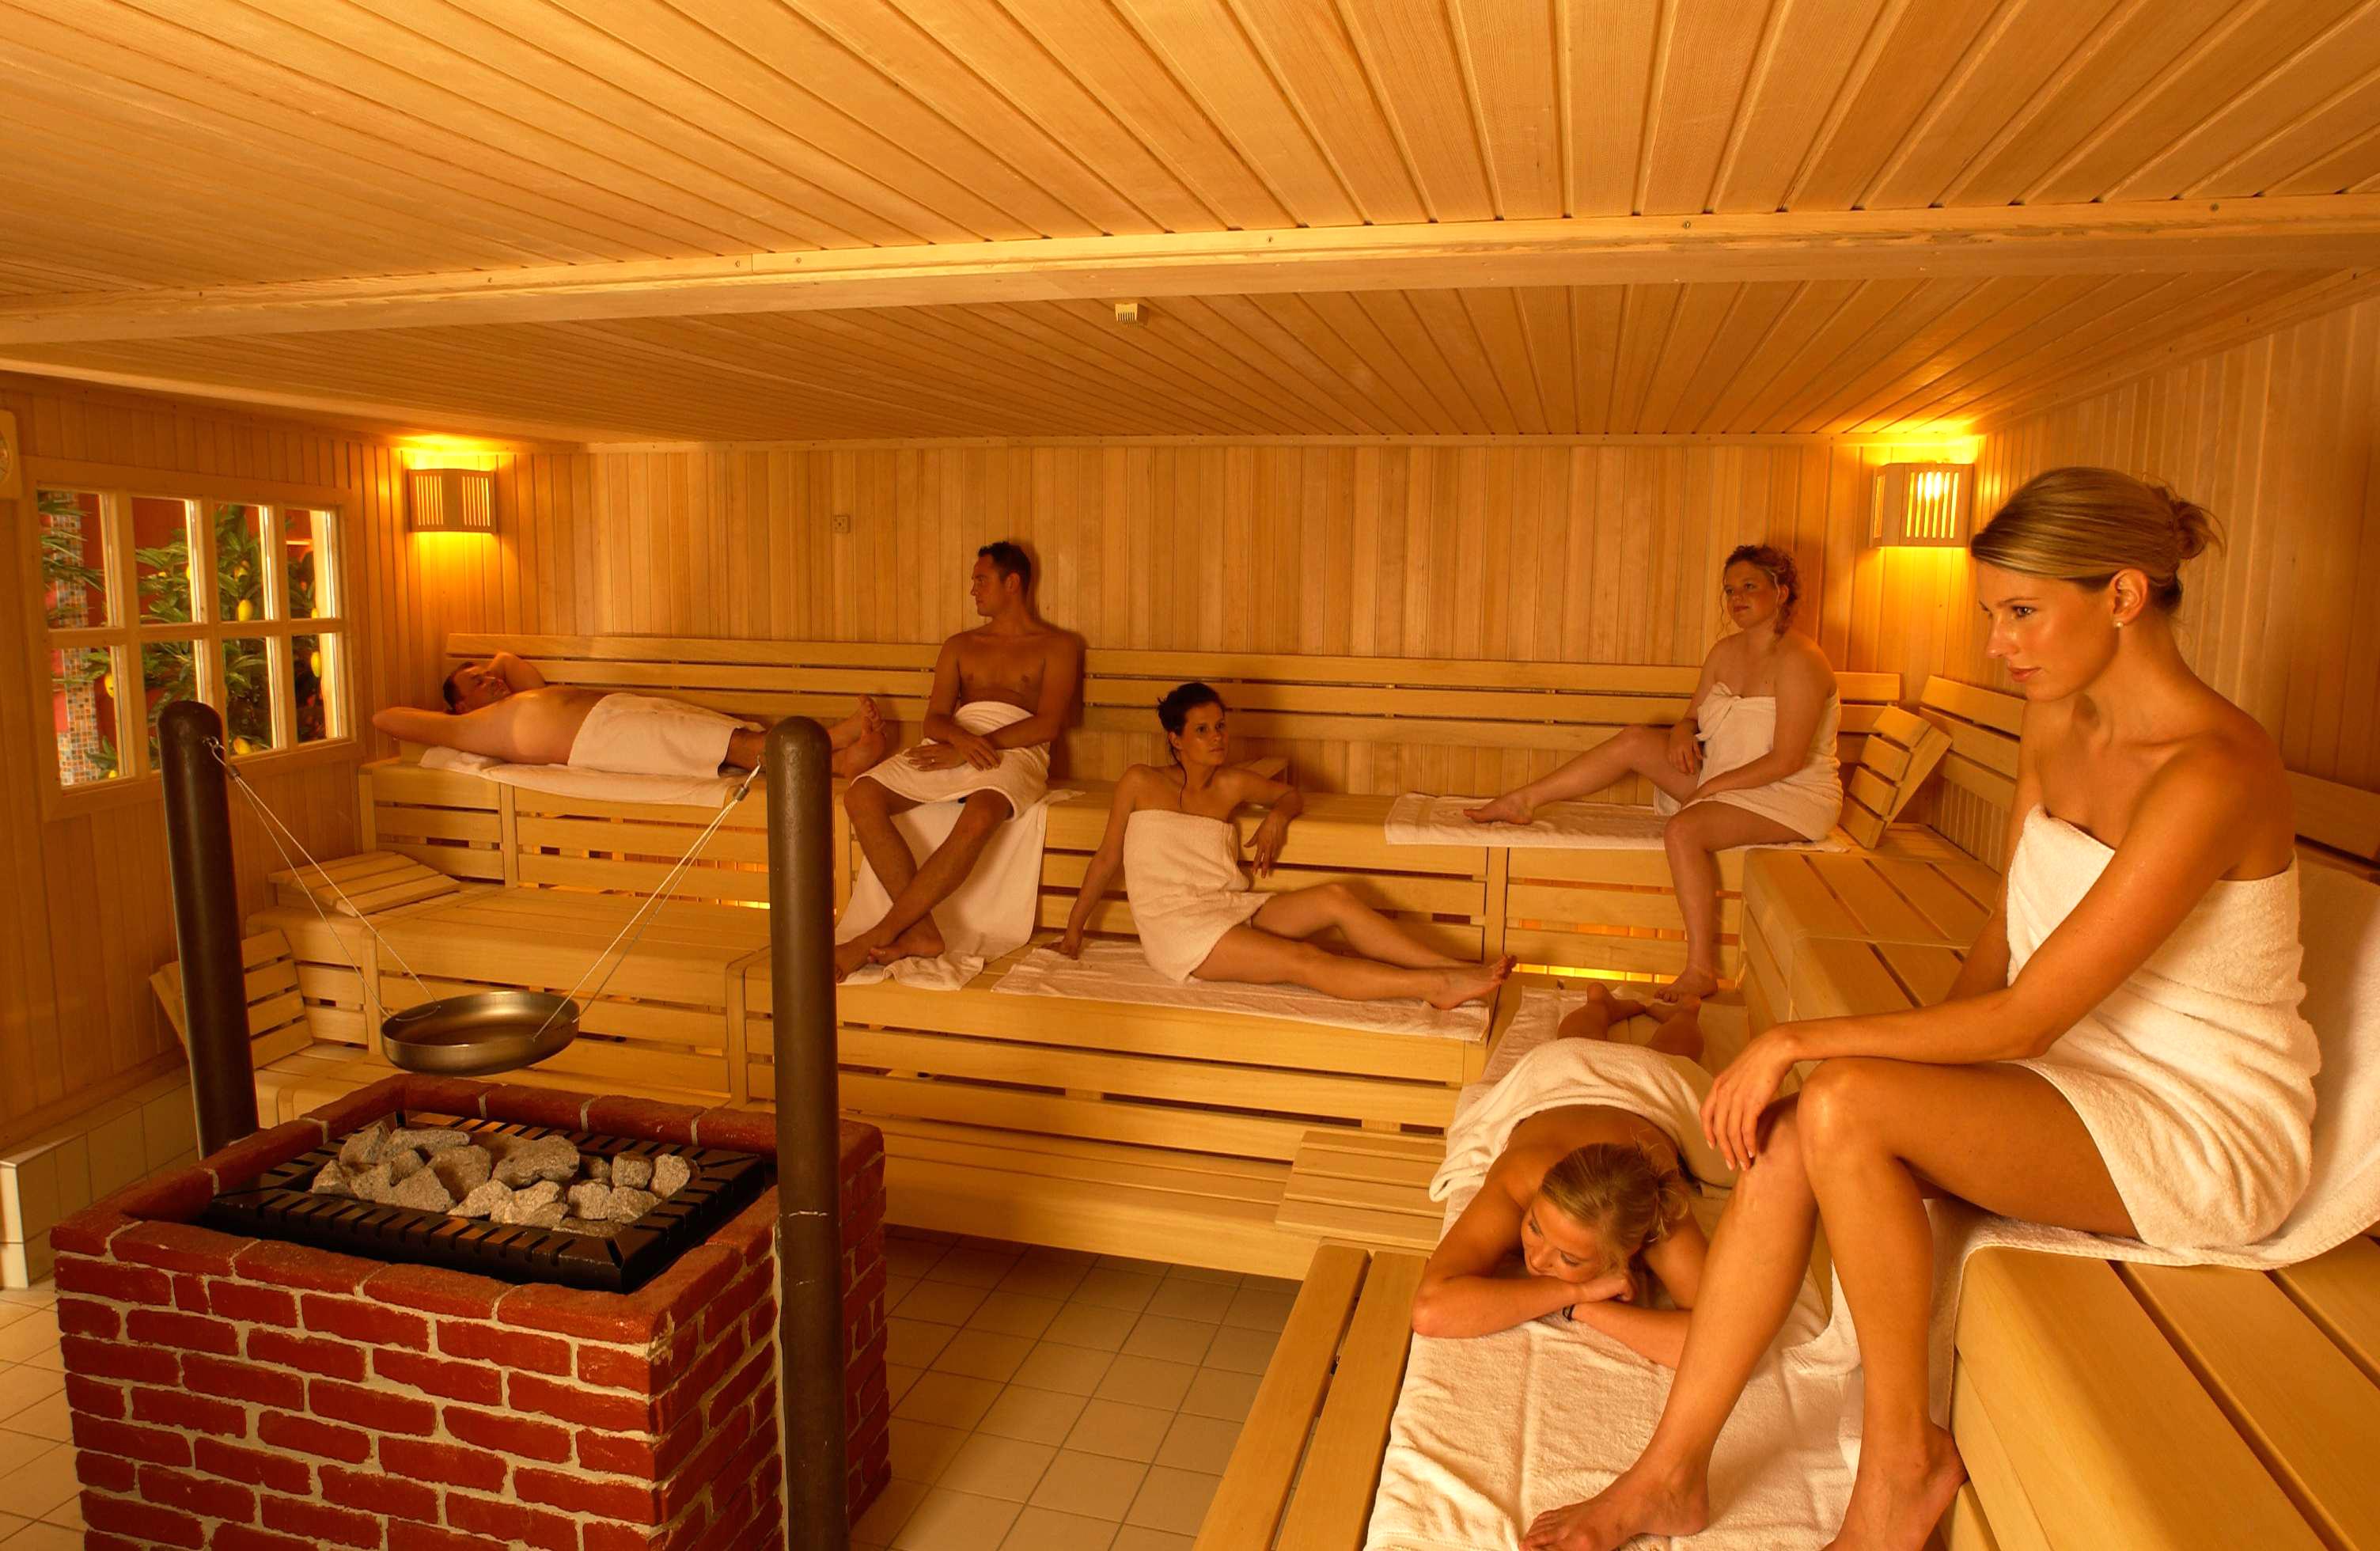 особенности русской бани большая грудь